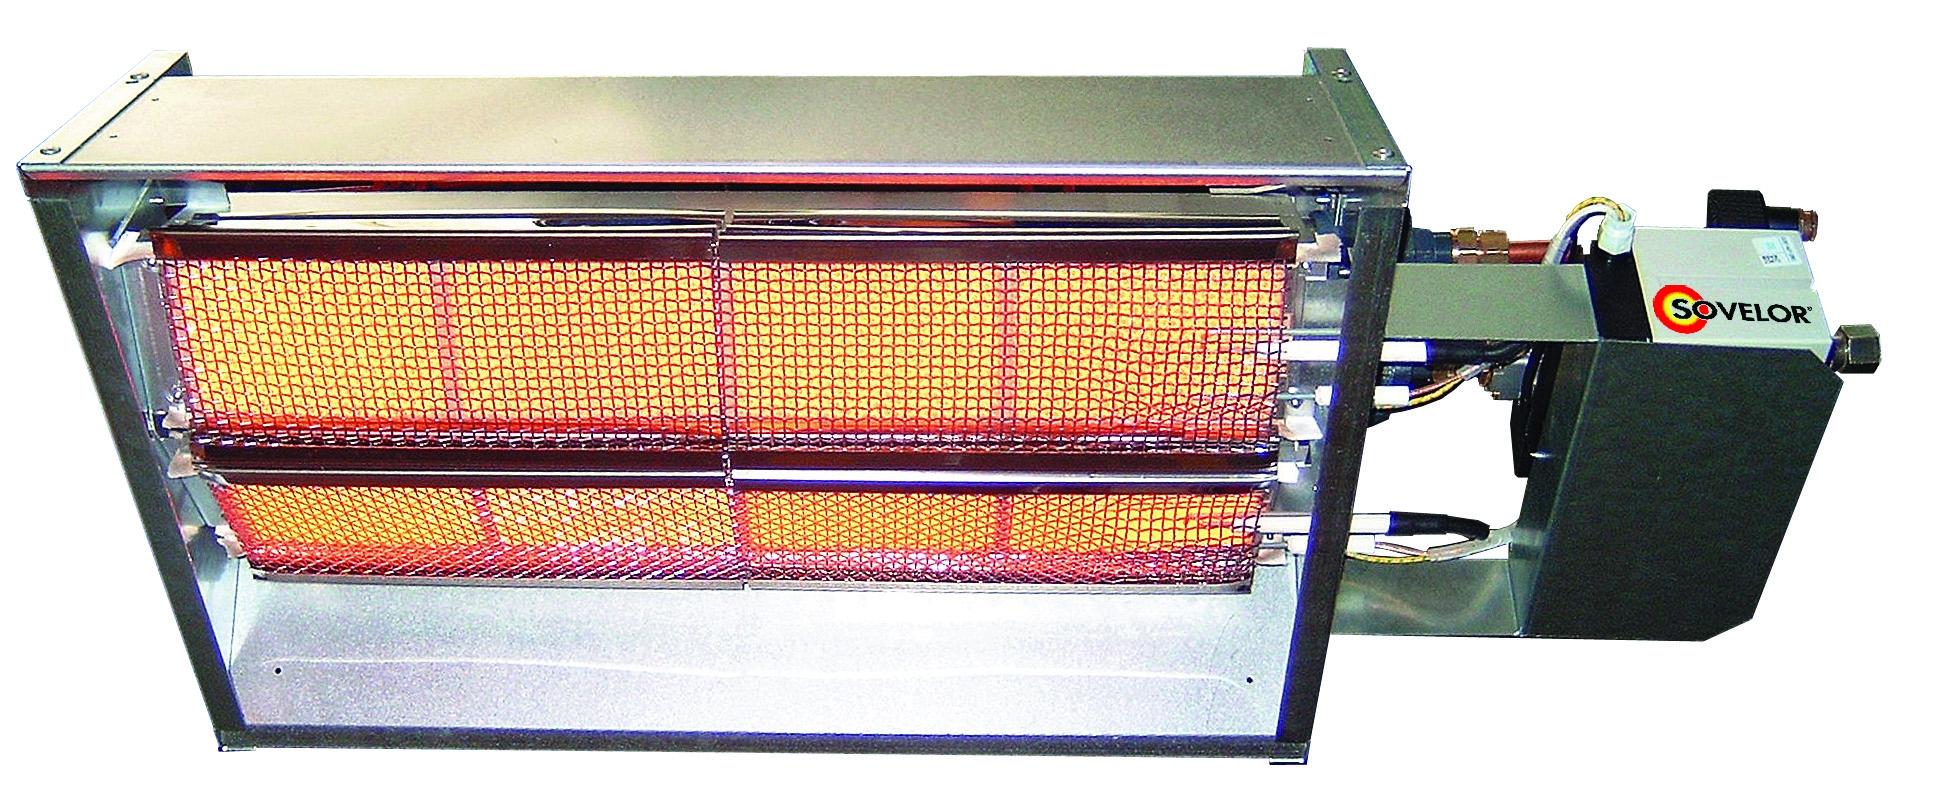 Chauffage sovelor rl14gp - Chauffage radiant gaz ...